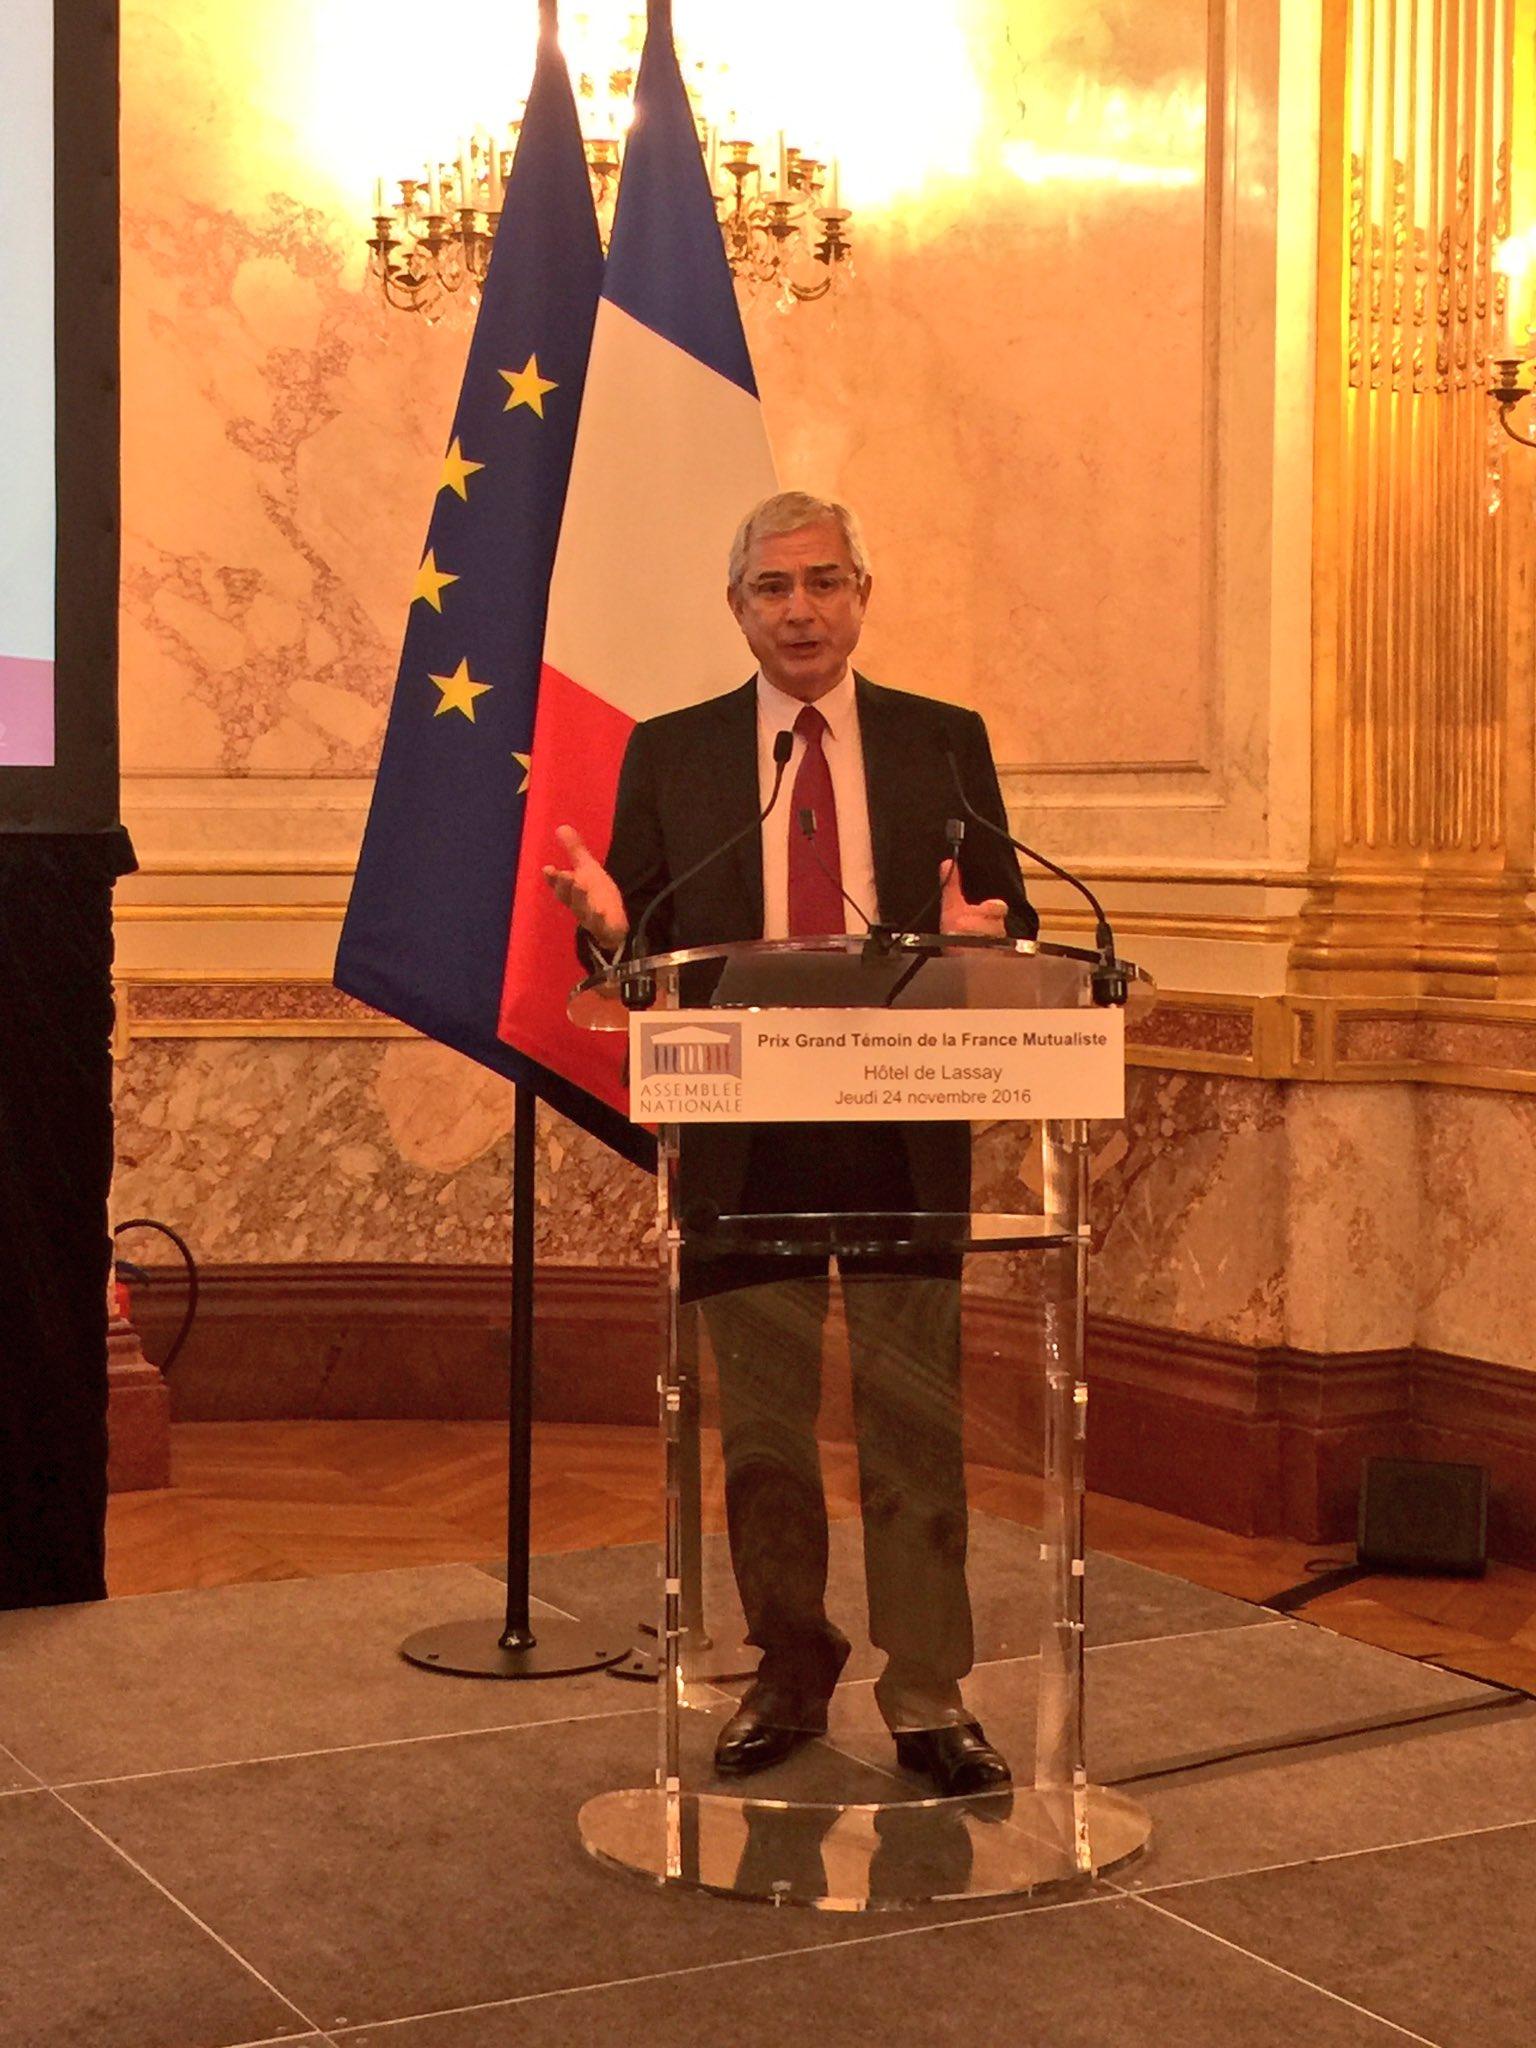 Claude Bartolone, pdt de l'Assemblée Nationale accueille le 14e #PrixGrandTémoin de @francemutualist #prix #litterature #mutuelle https://t.co/MDhfnFnnP4